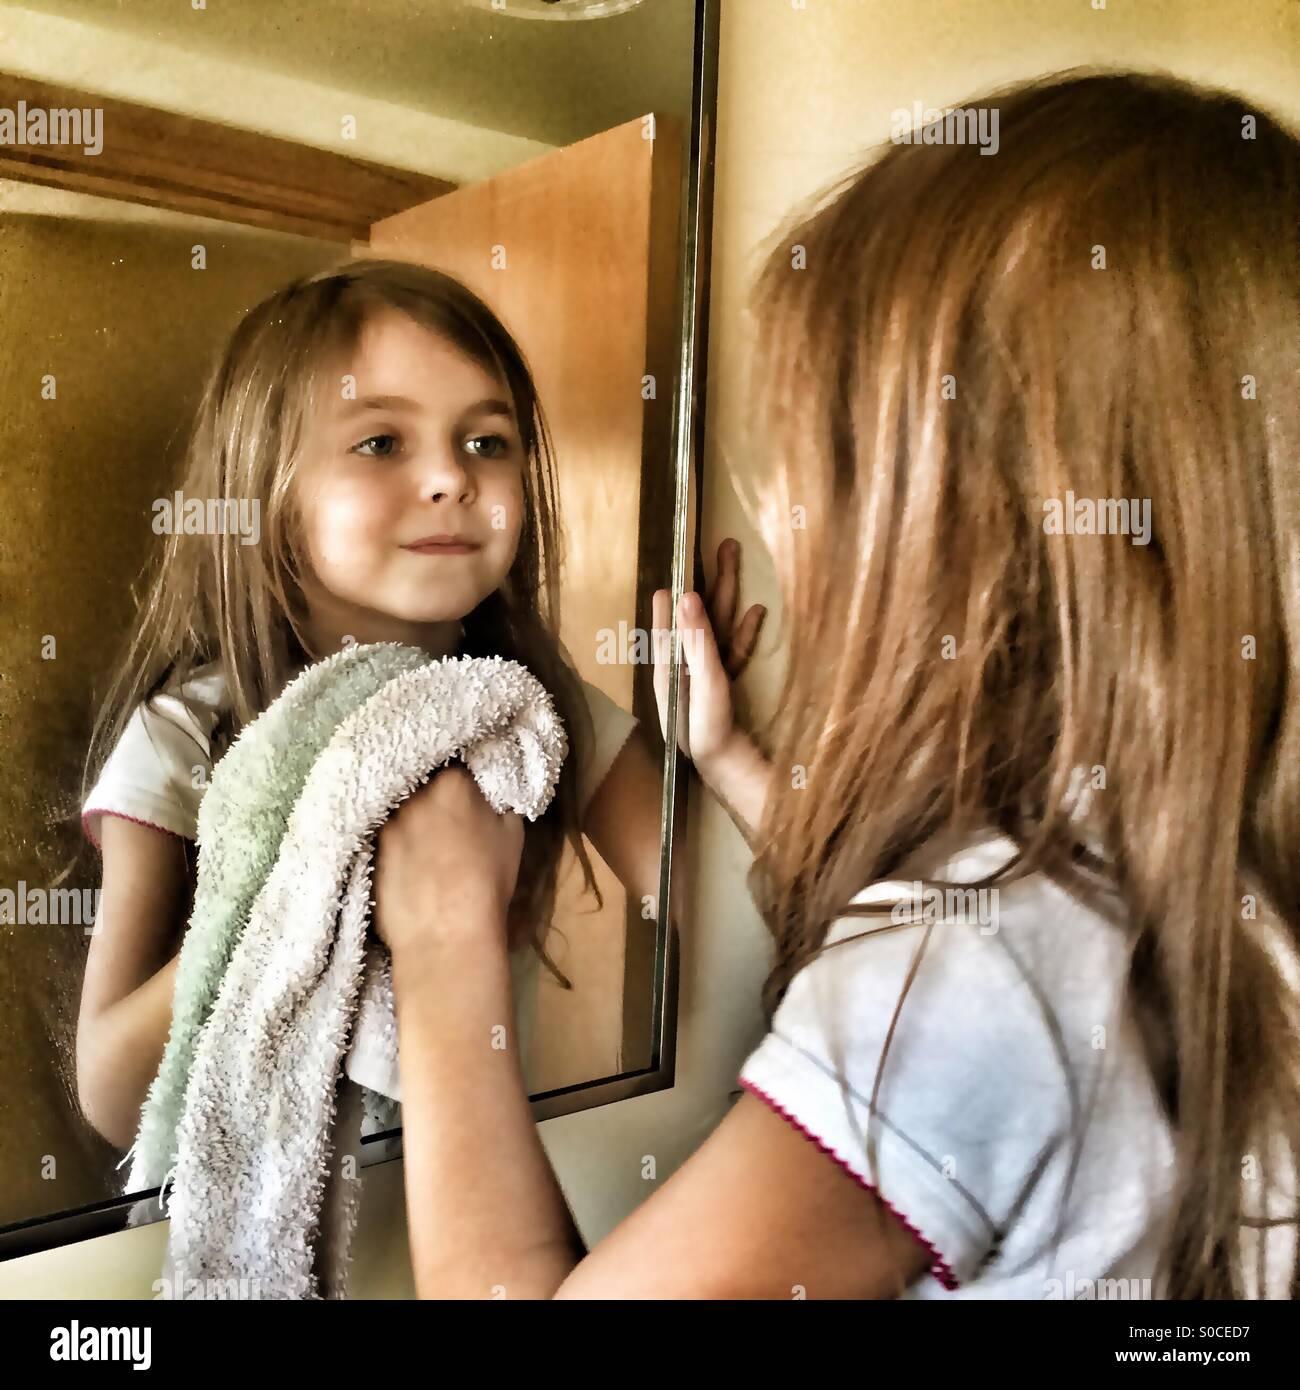 Ragazza giovane di lavaggio di un mirror e guardando la propria riflessione Immagini Stock